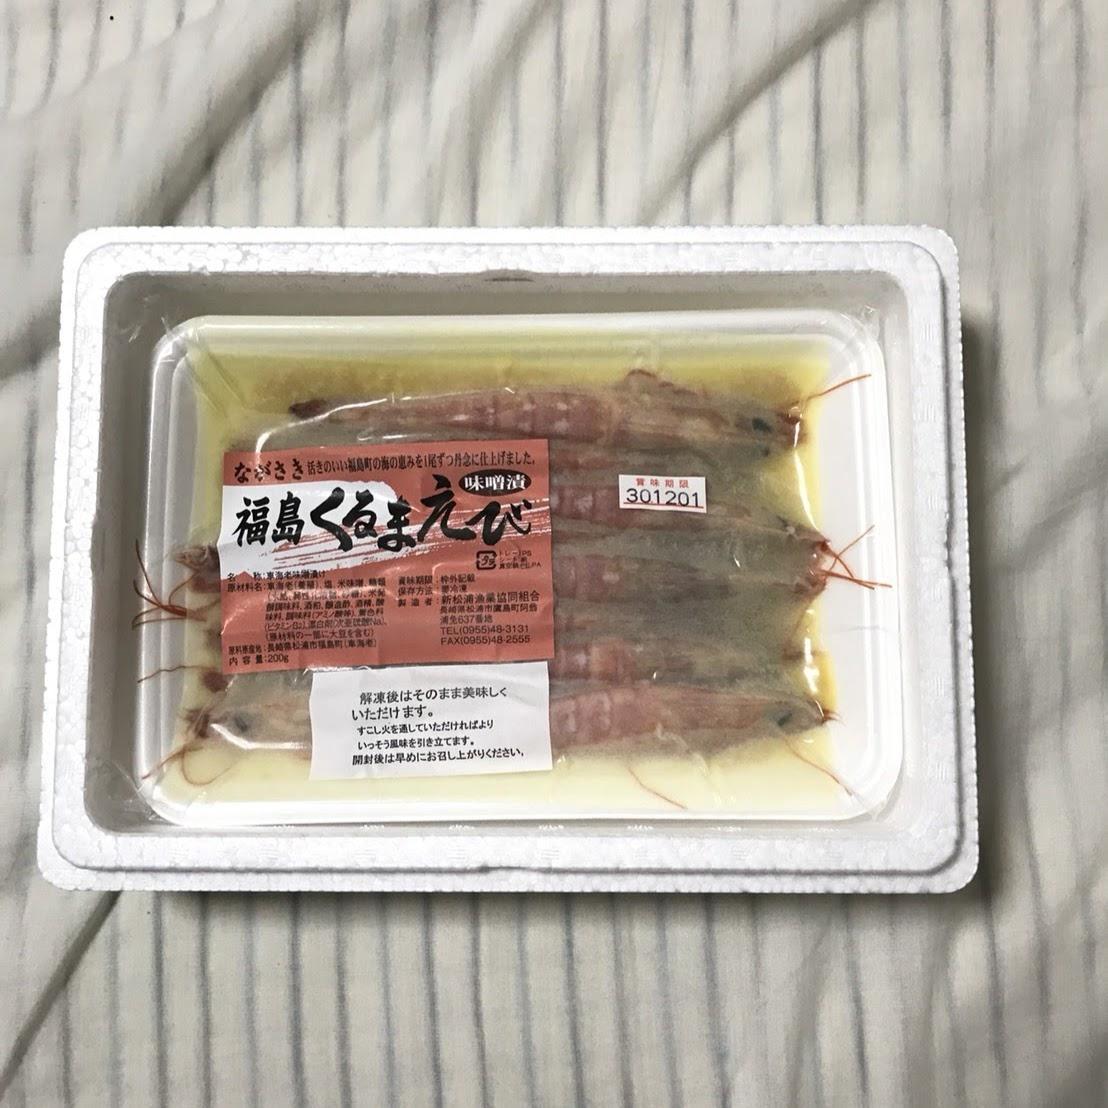 長崎県松浦市より「くるまえびみそ漬け」が届きました!!ふるさと納税2017年度